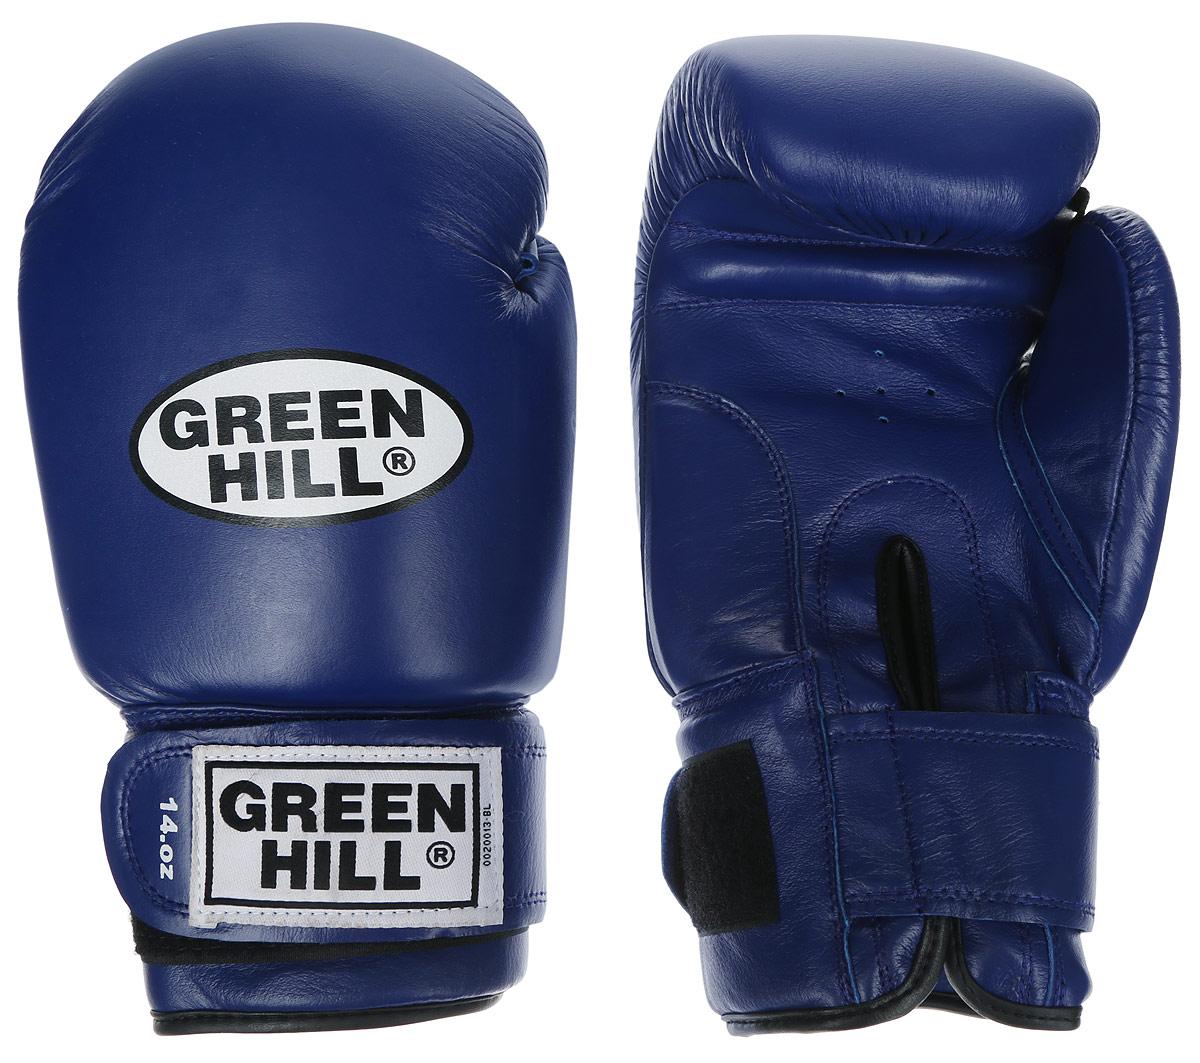 Перчатки боксерские Green Hill Super Star, цвет: синий, белый. Вес 12 унций. BGS-1213сG-2018312Боксерские перчатки Green Hill Super Star предназначены для использования профессионалами. Подойдут для спаррингов и соревнований. Верх выполнен из натуральной кожи, наполнитель - из вспененного полимера. Отверстие в области ладони позволяет создать максимально комфортный терморежим во время занятий. Манжет на липучке способствует быстрому и удобному надеванию перчаток, плотно фиксирует перчатки на руке.